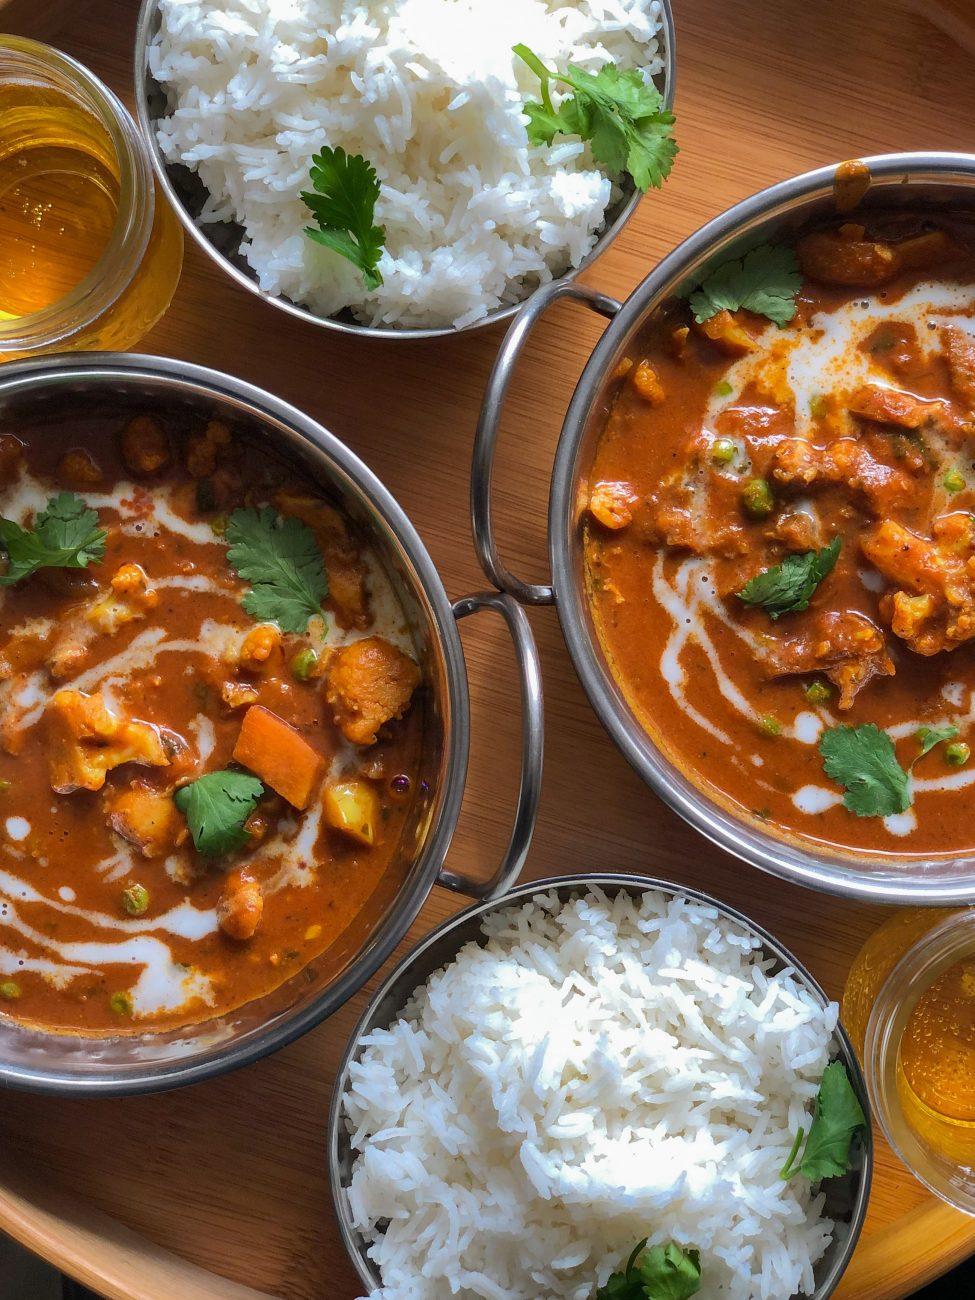 Curry, năut și legume. Totul într-un sos cremos de cocos.